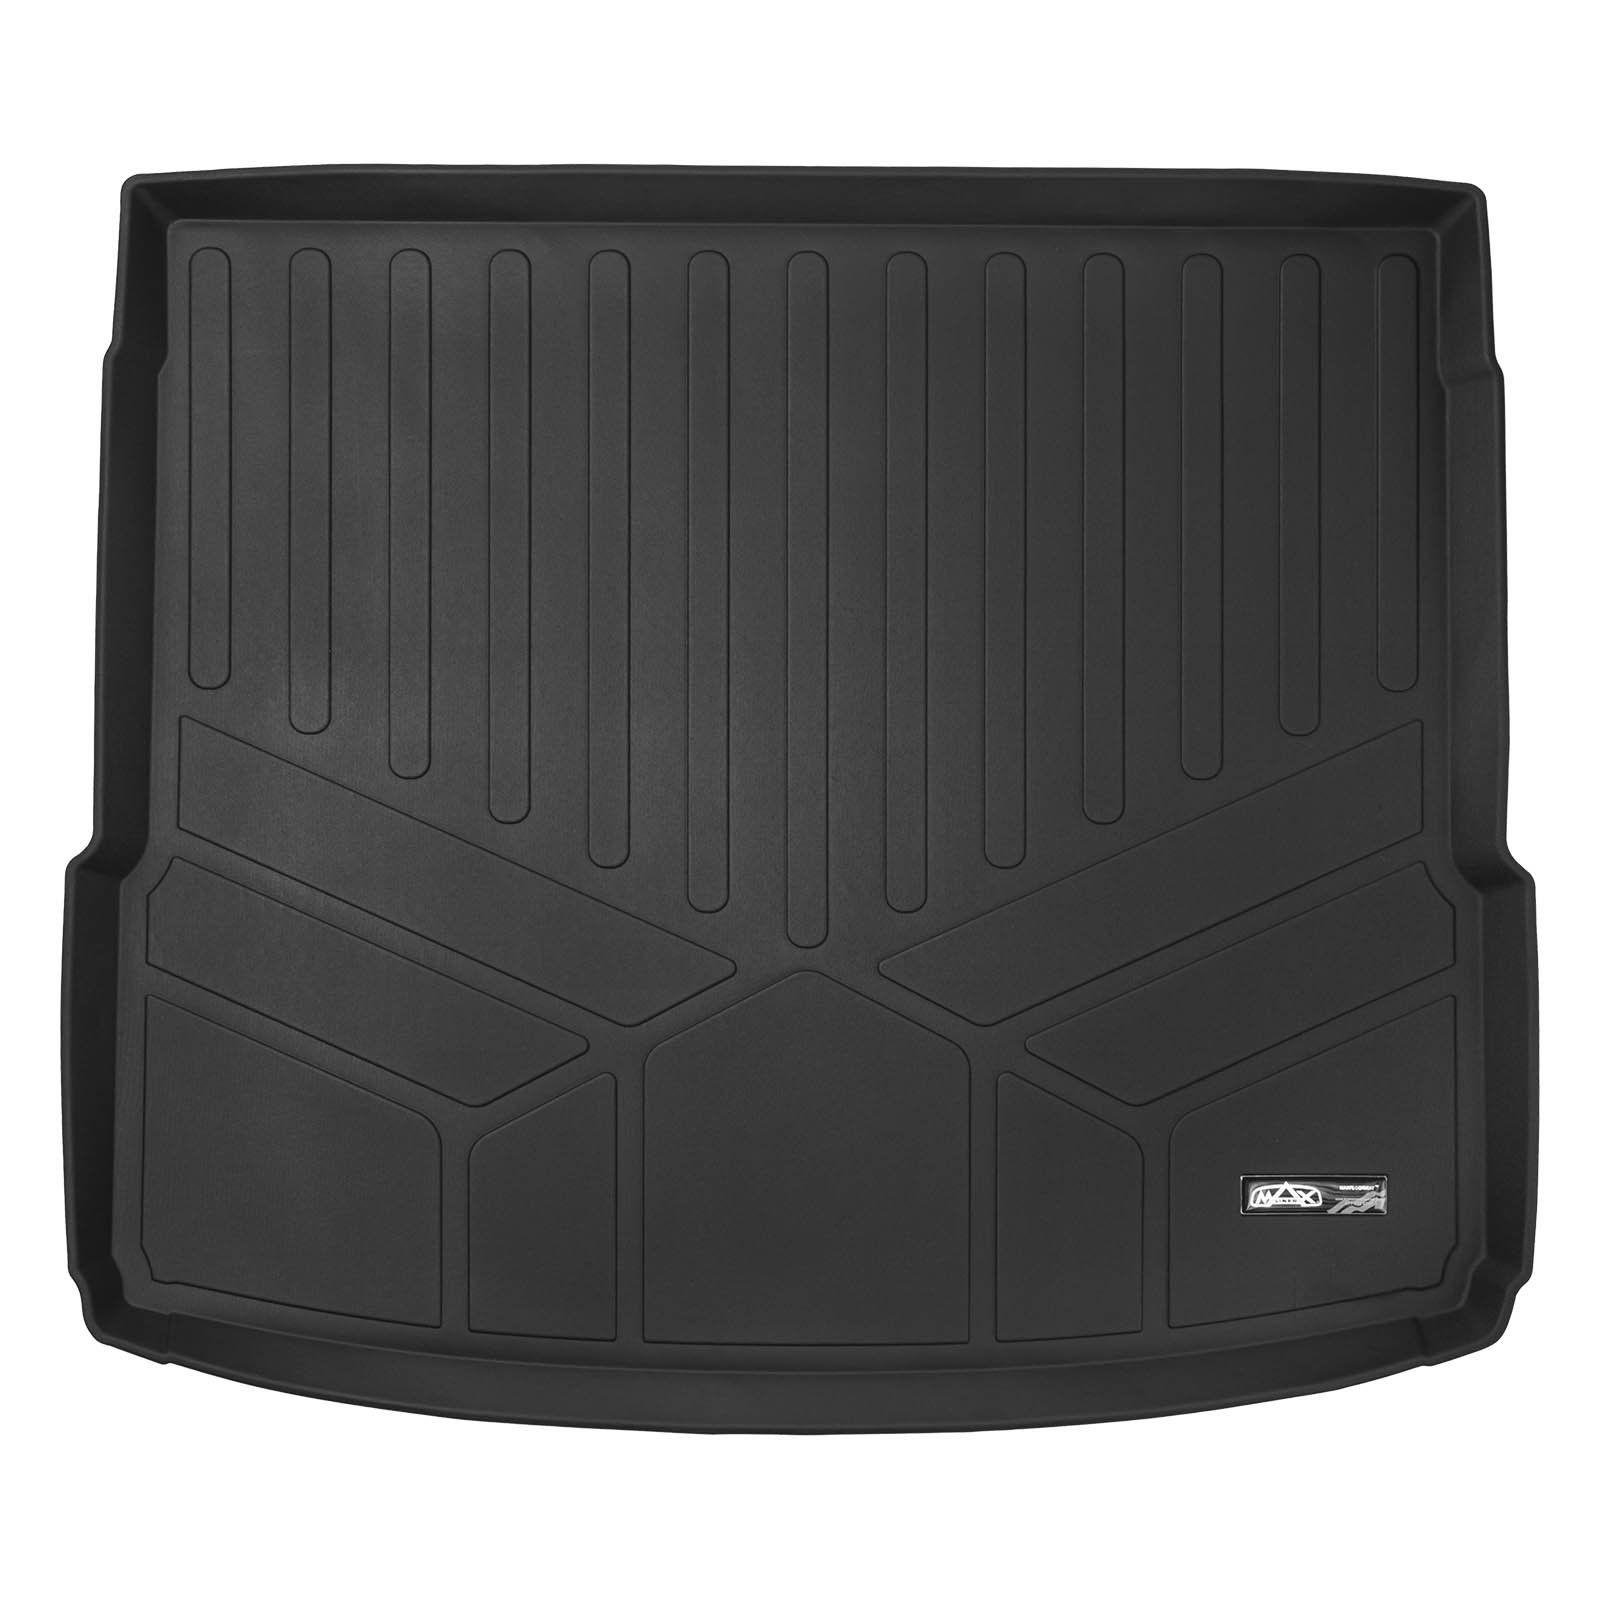 Smartliner All Weather Cargo Liner Floor Mat Black For 2018 Audi